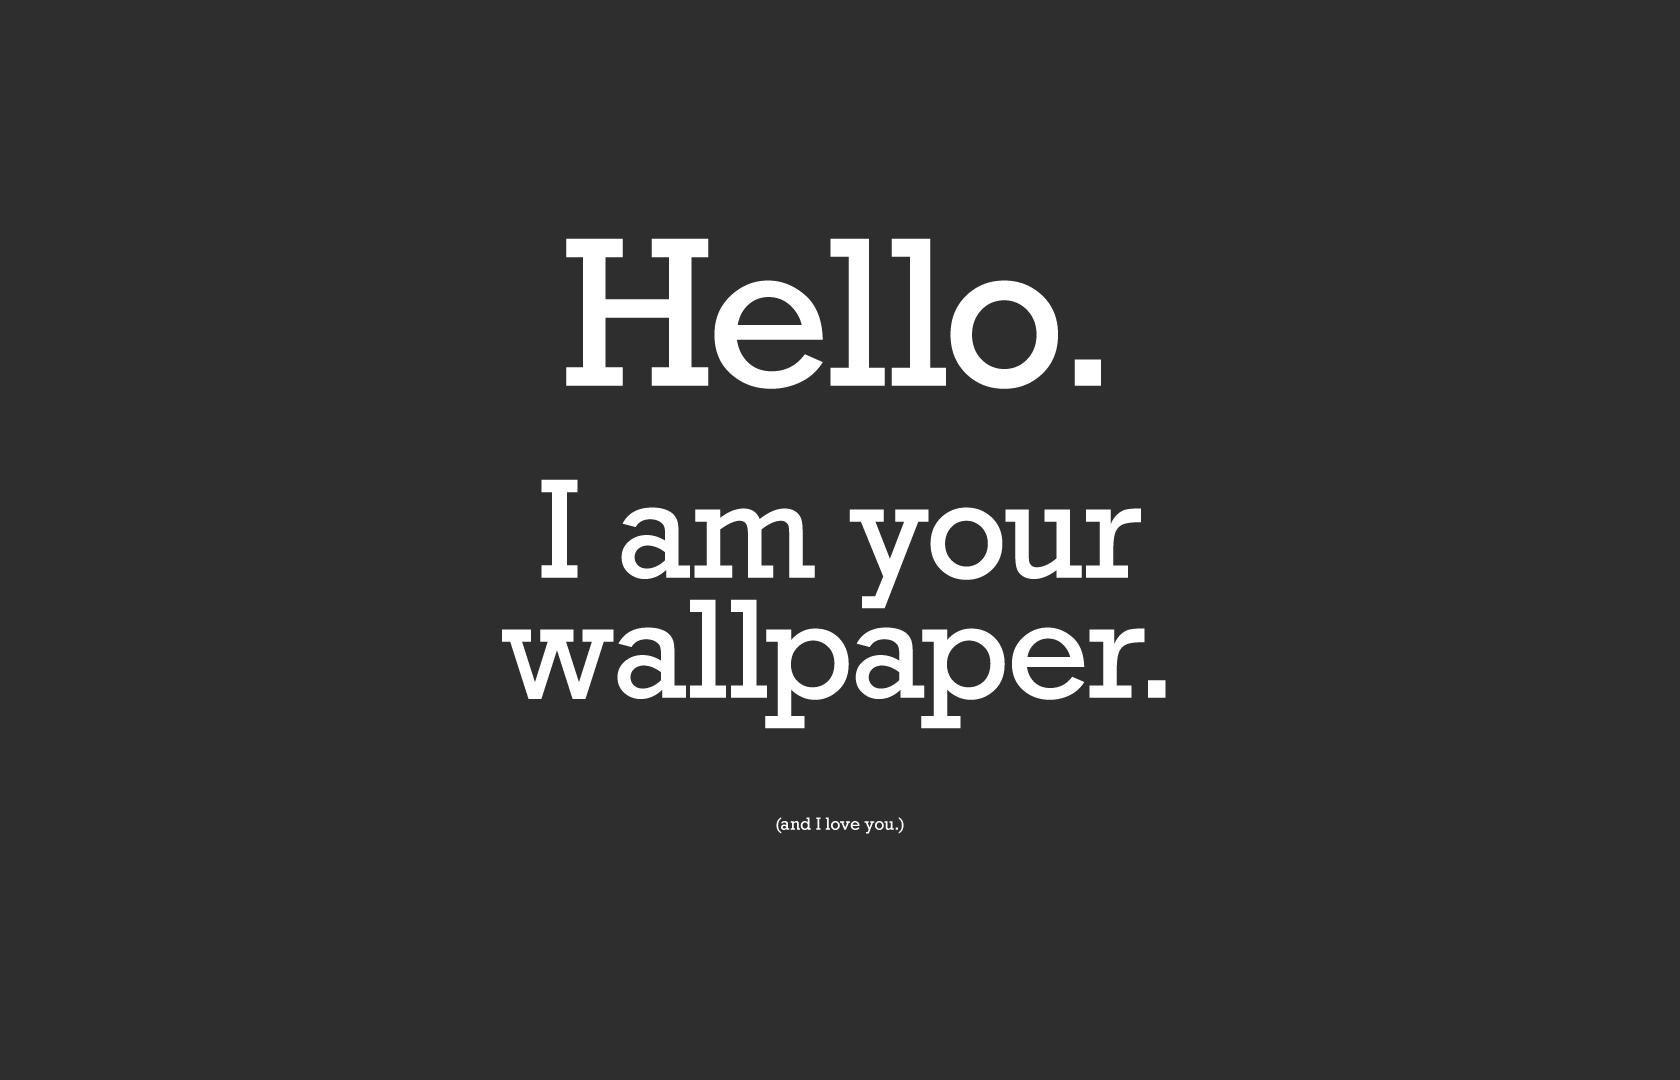 Funny Desktop HD Wallpapers Funny Widescren Images 1680x1080